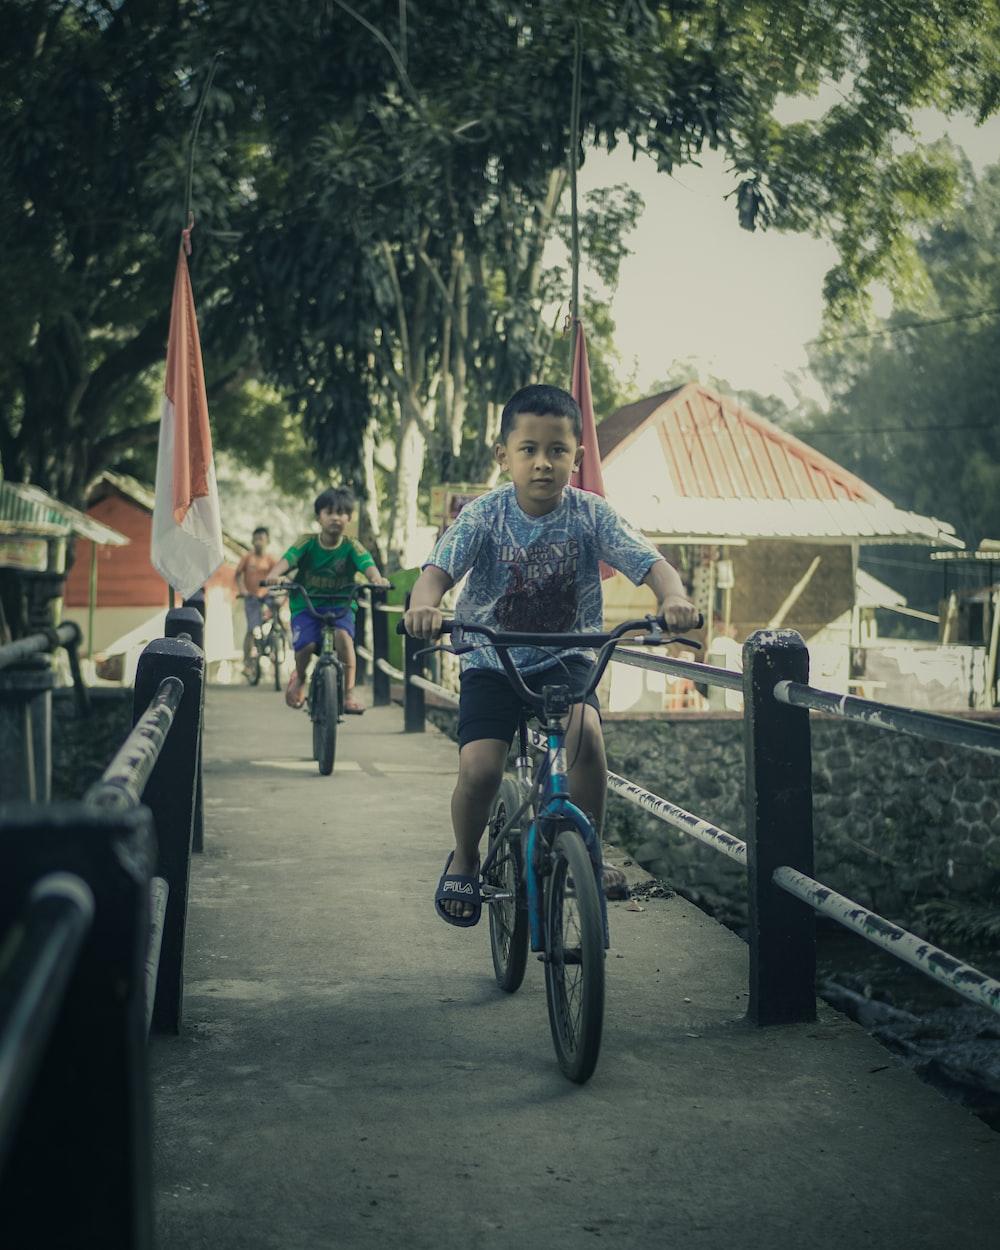 man in blue shirt riding bicycle during daytime